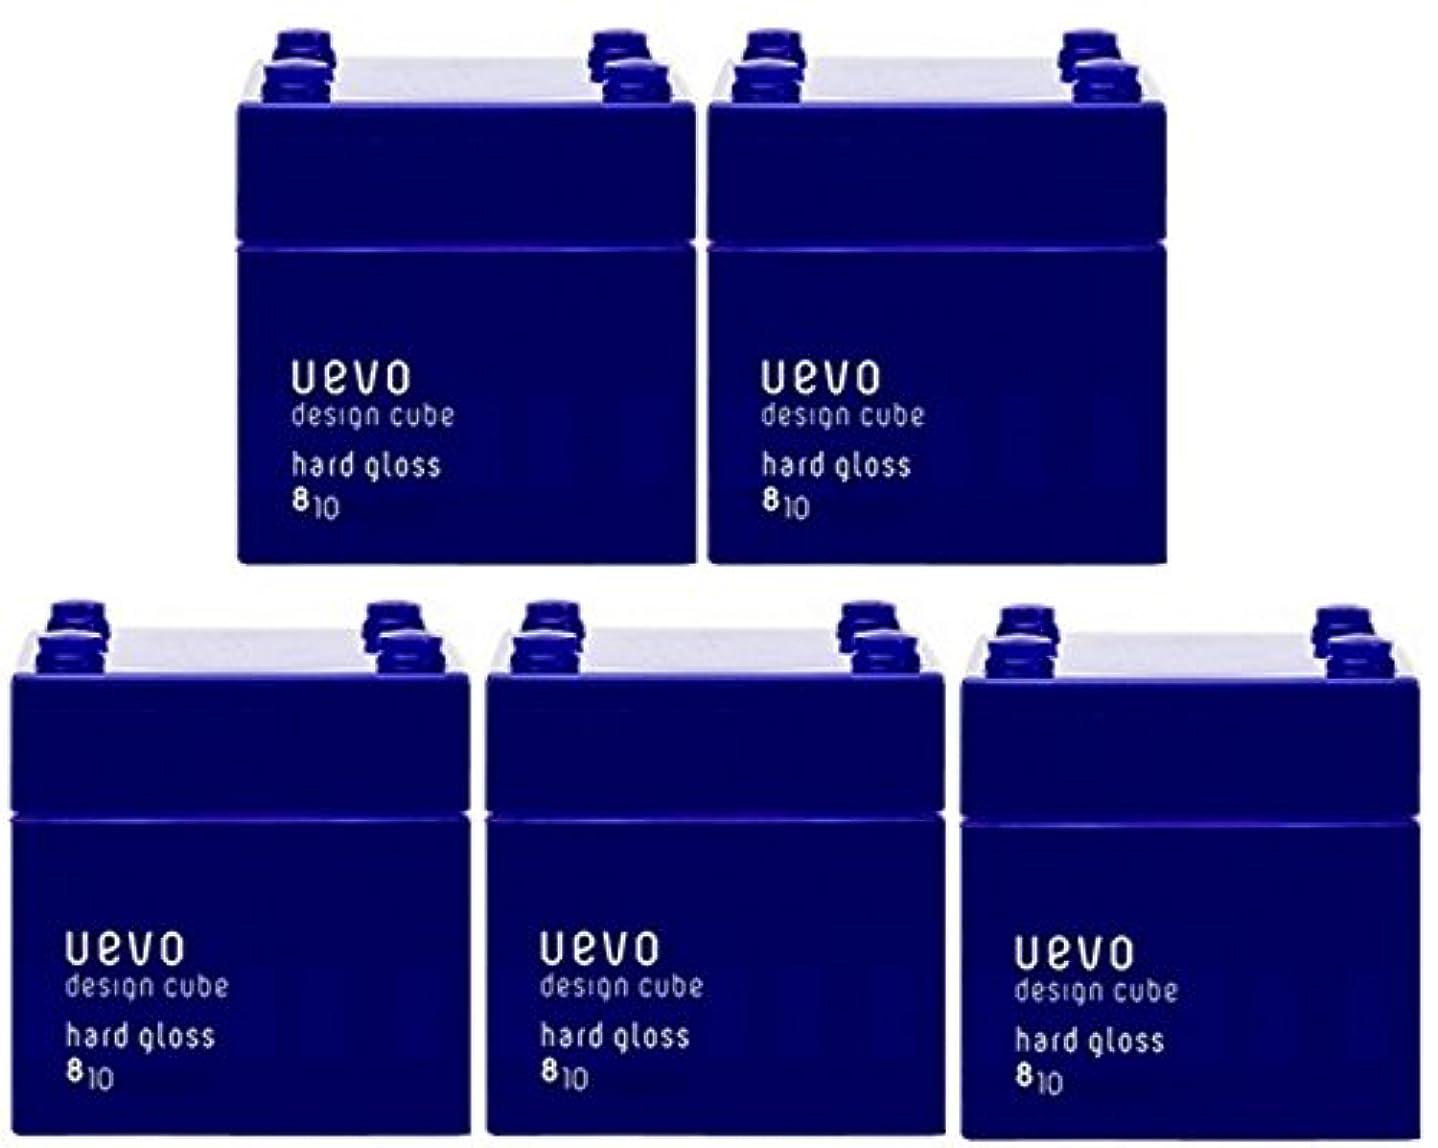 囲まれた役立つ残基【X5個セット】 デミ ウェーボ デザインキューブ ハードグロス 80g hard gloss DEMI uevo design cube